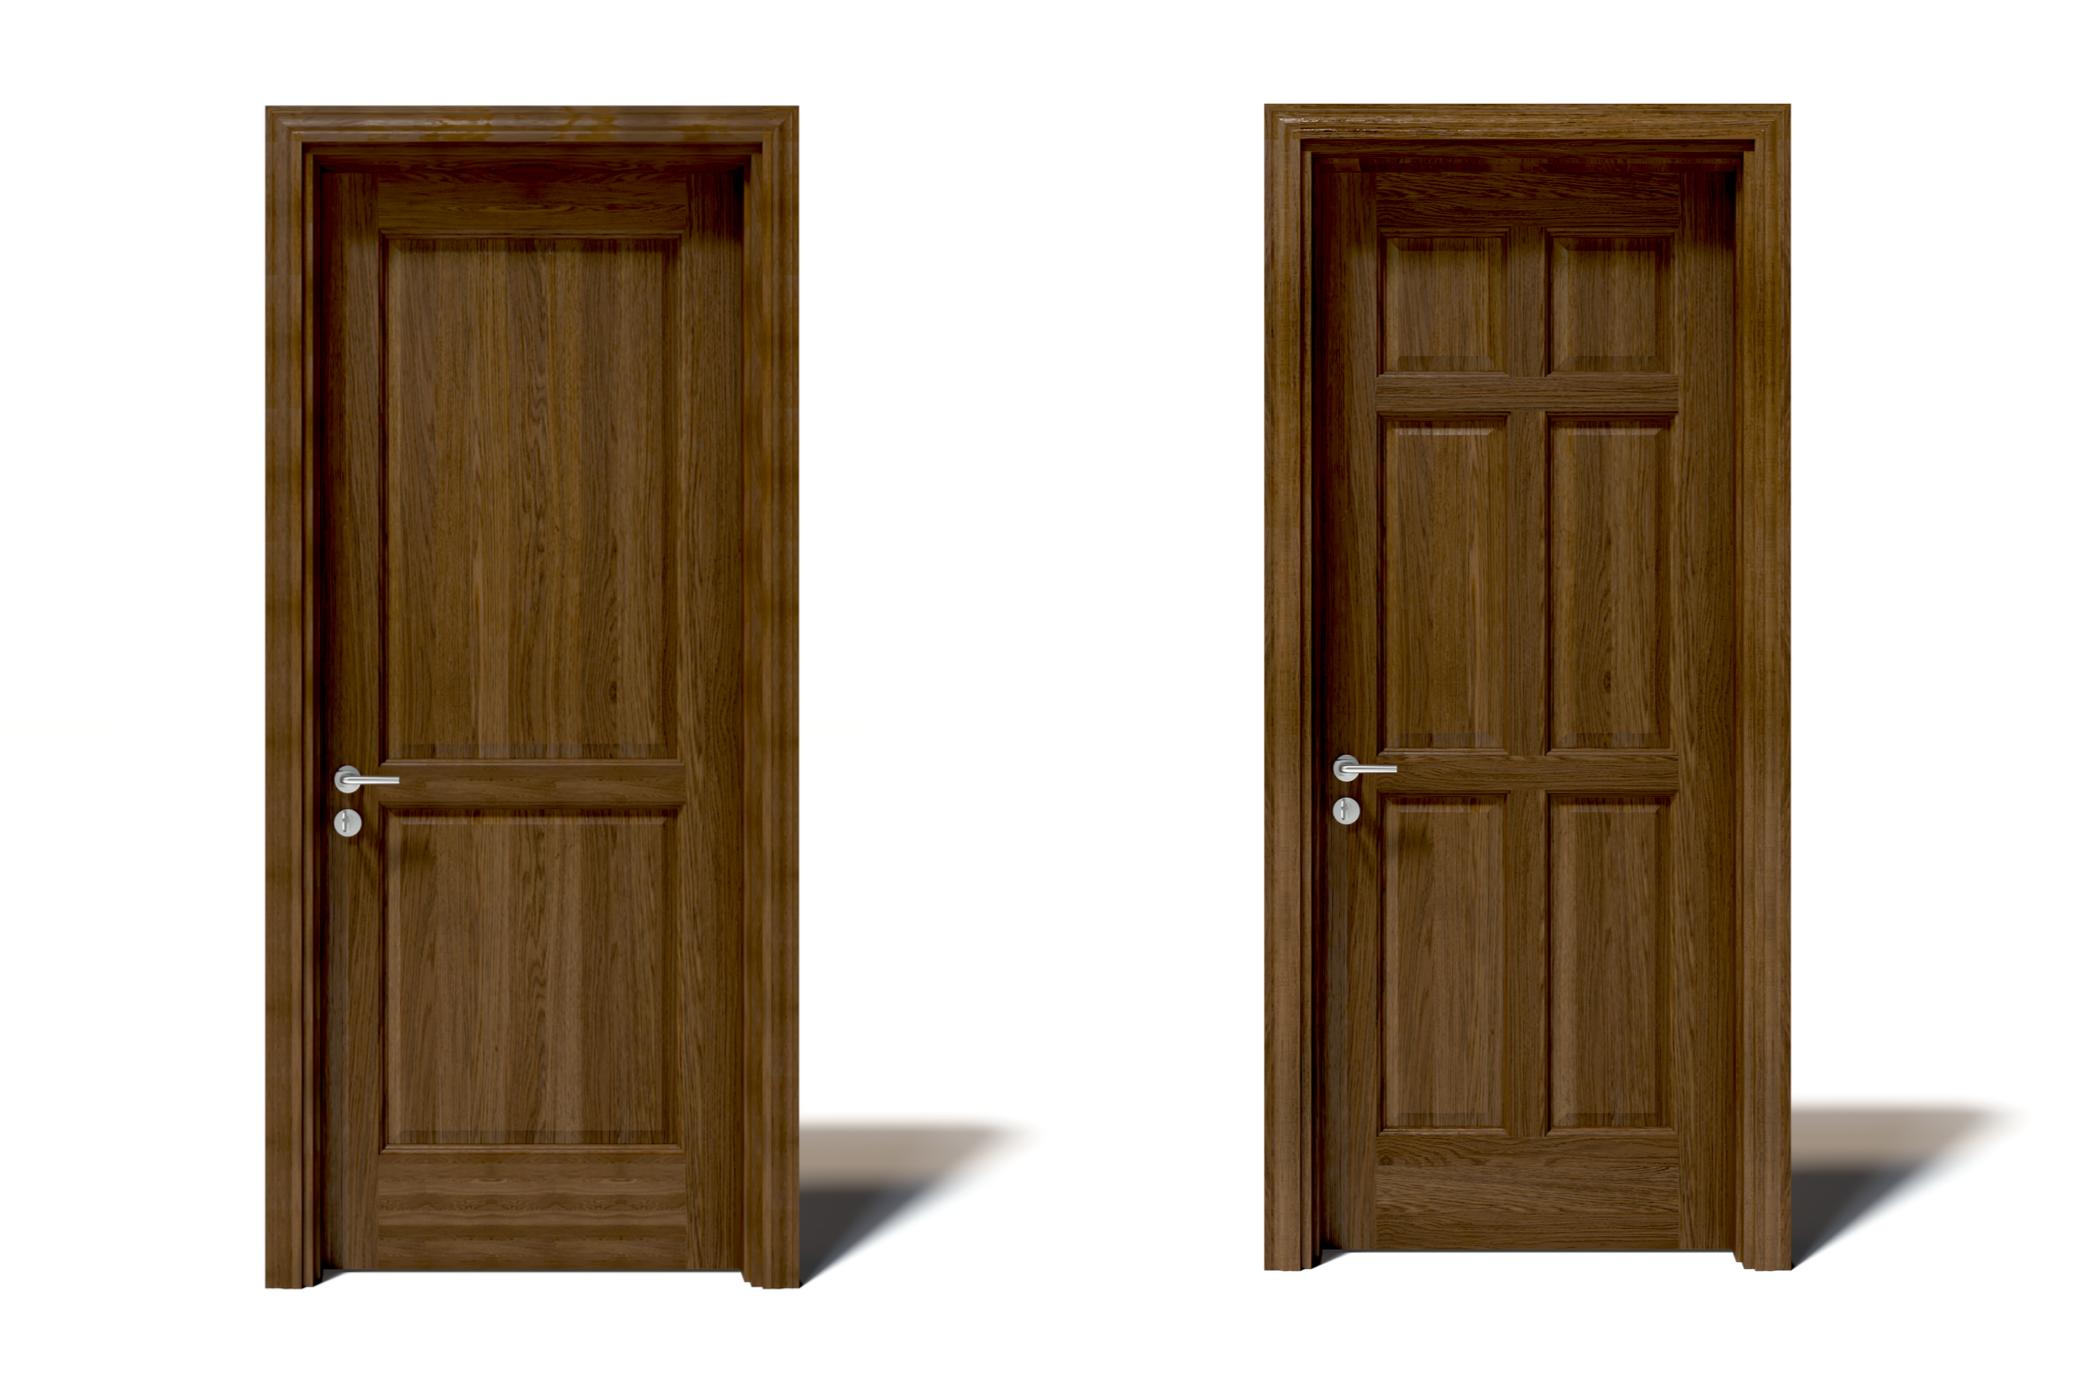 Cửa gỗ màu cánh gián hay màu nâu mang ý nghĩa như thế nào?